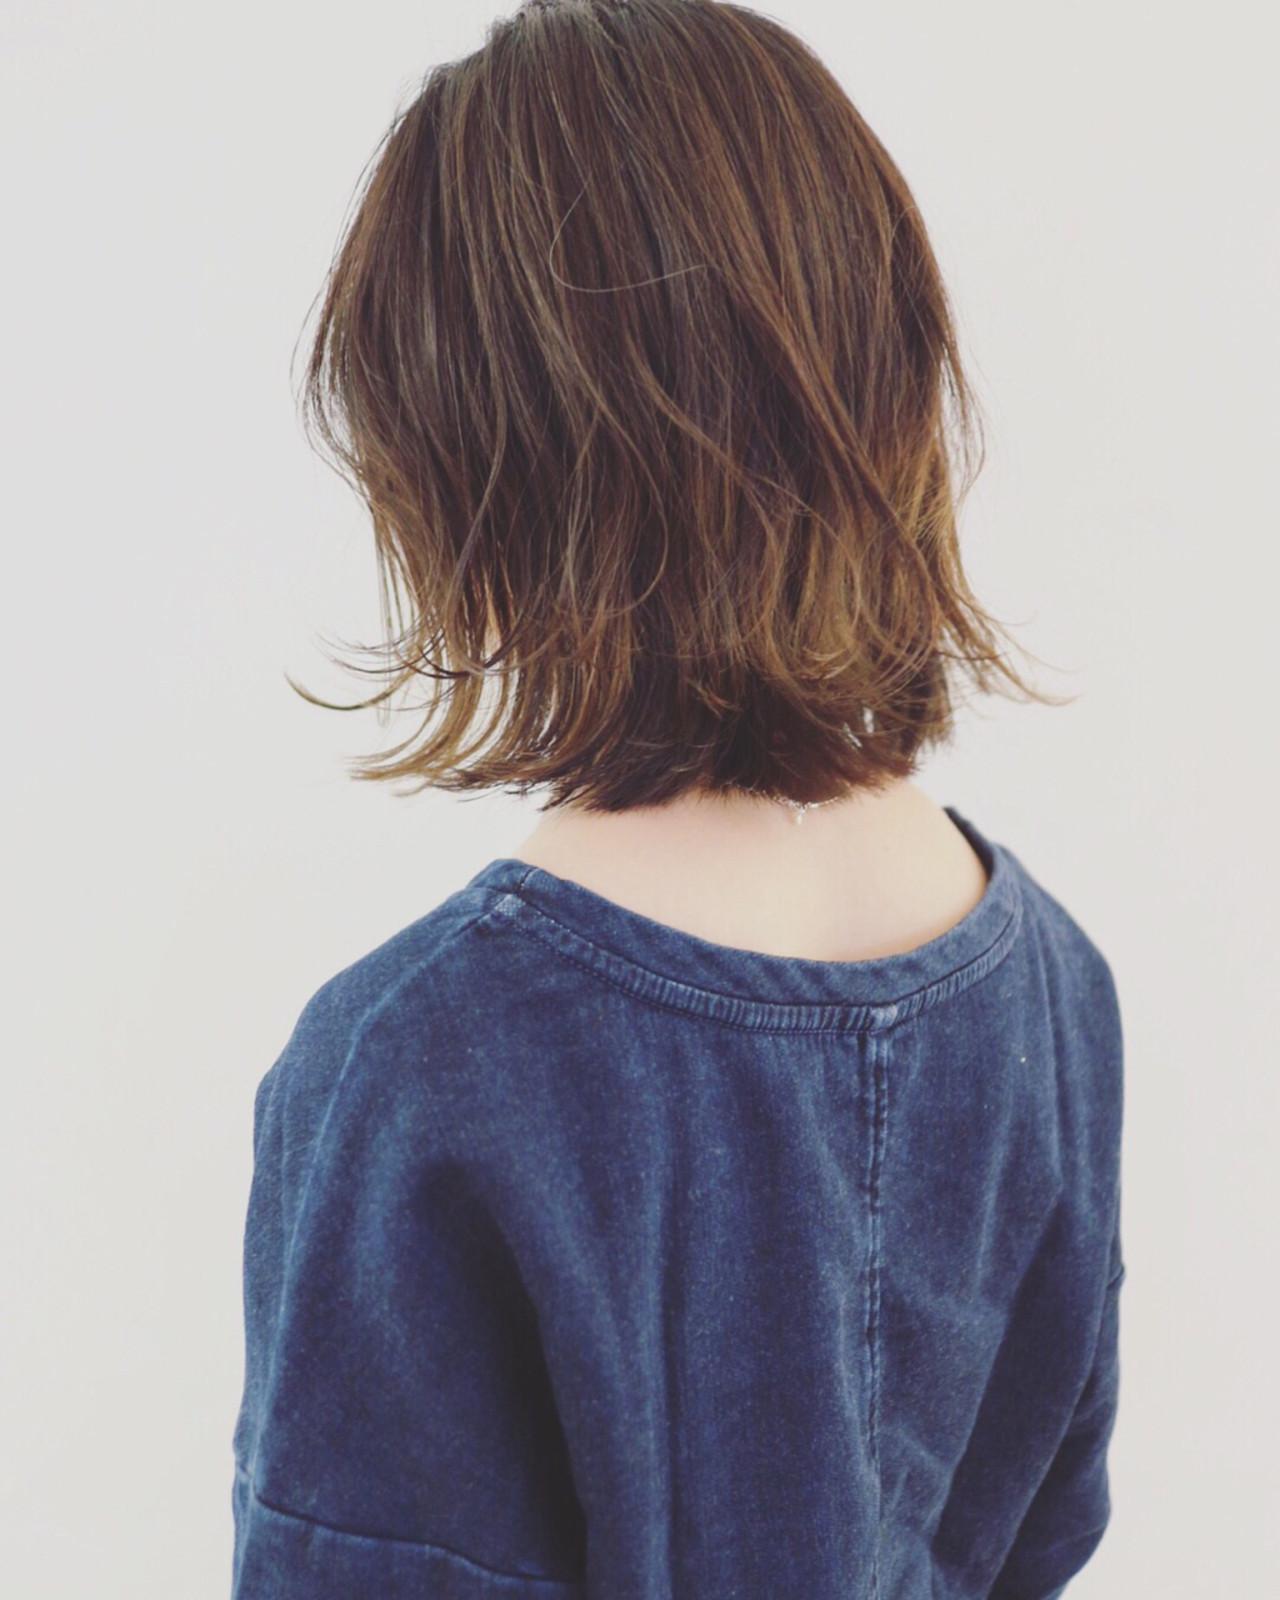 インナーカラー グラデーションカラー バレイヤージュ ストリート ヘアスタイルや髪型の写真・画像 | 三好 佳奈美 / Baco.(バコ)